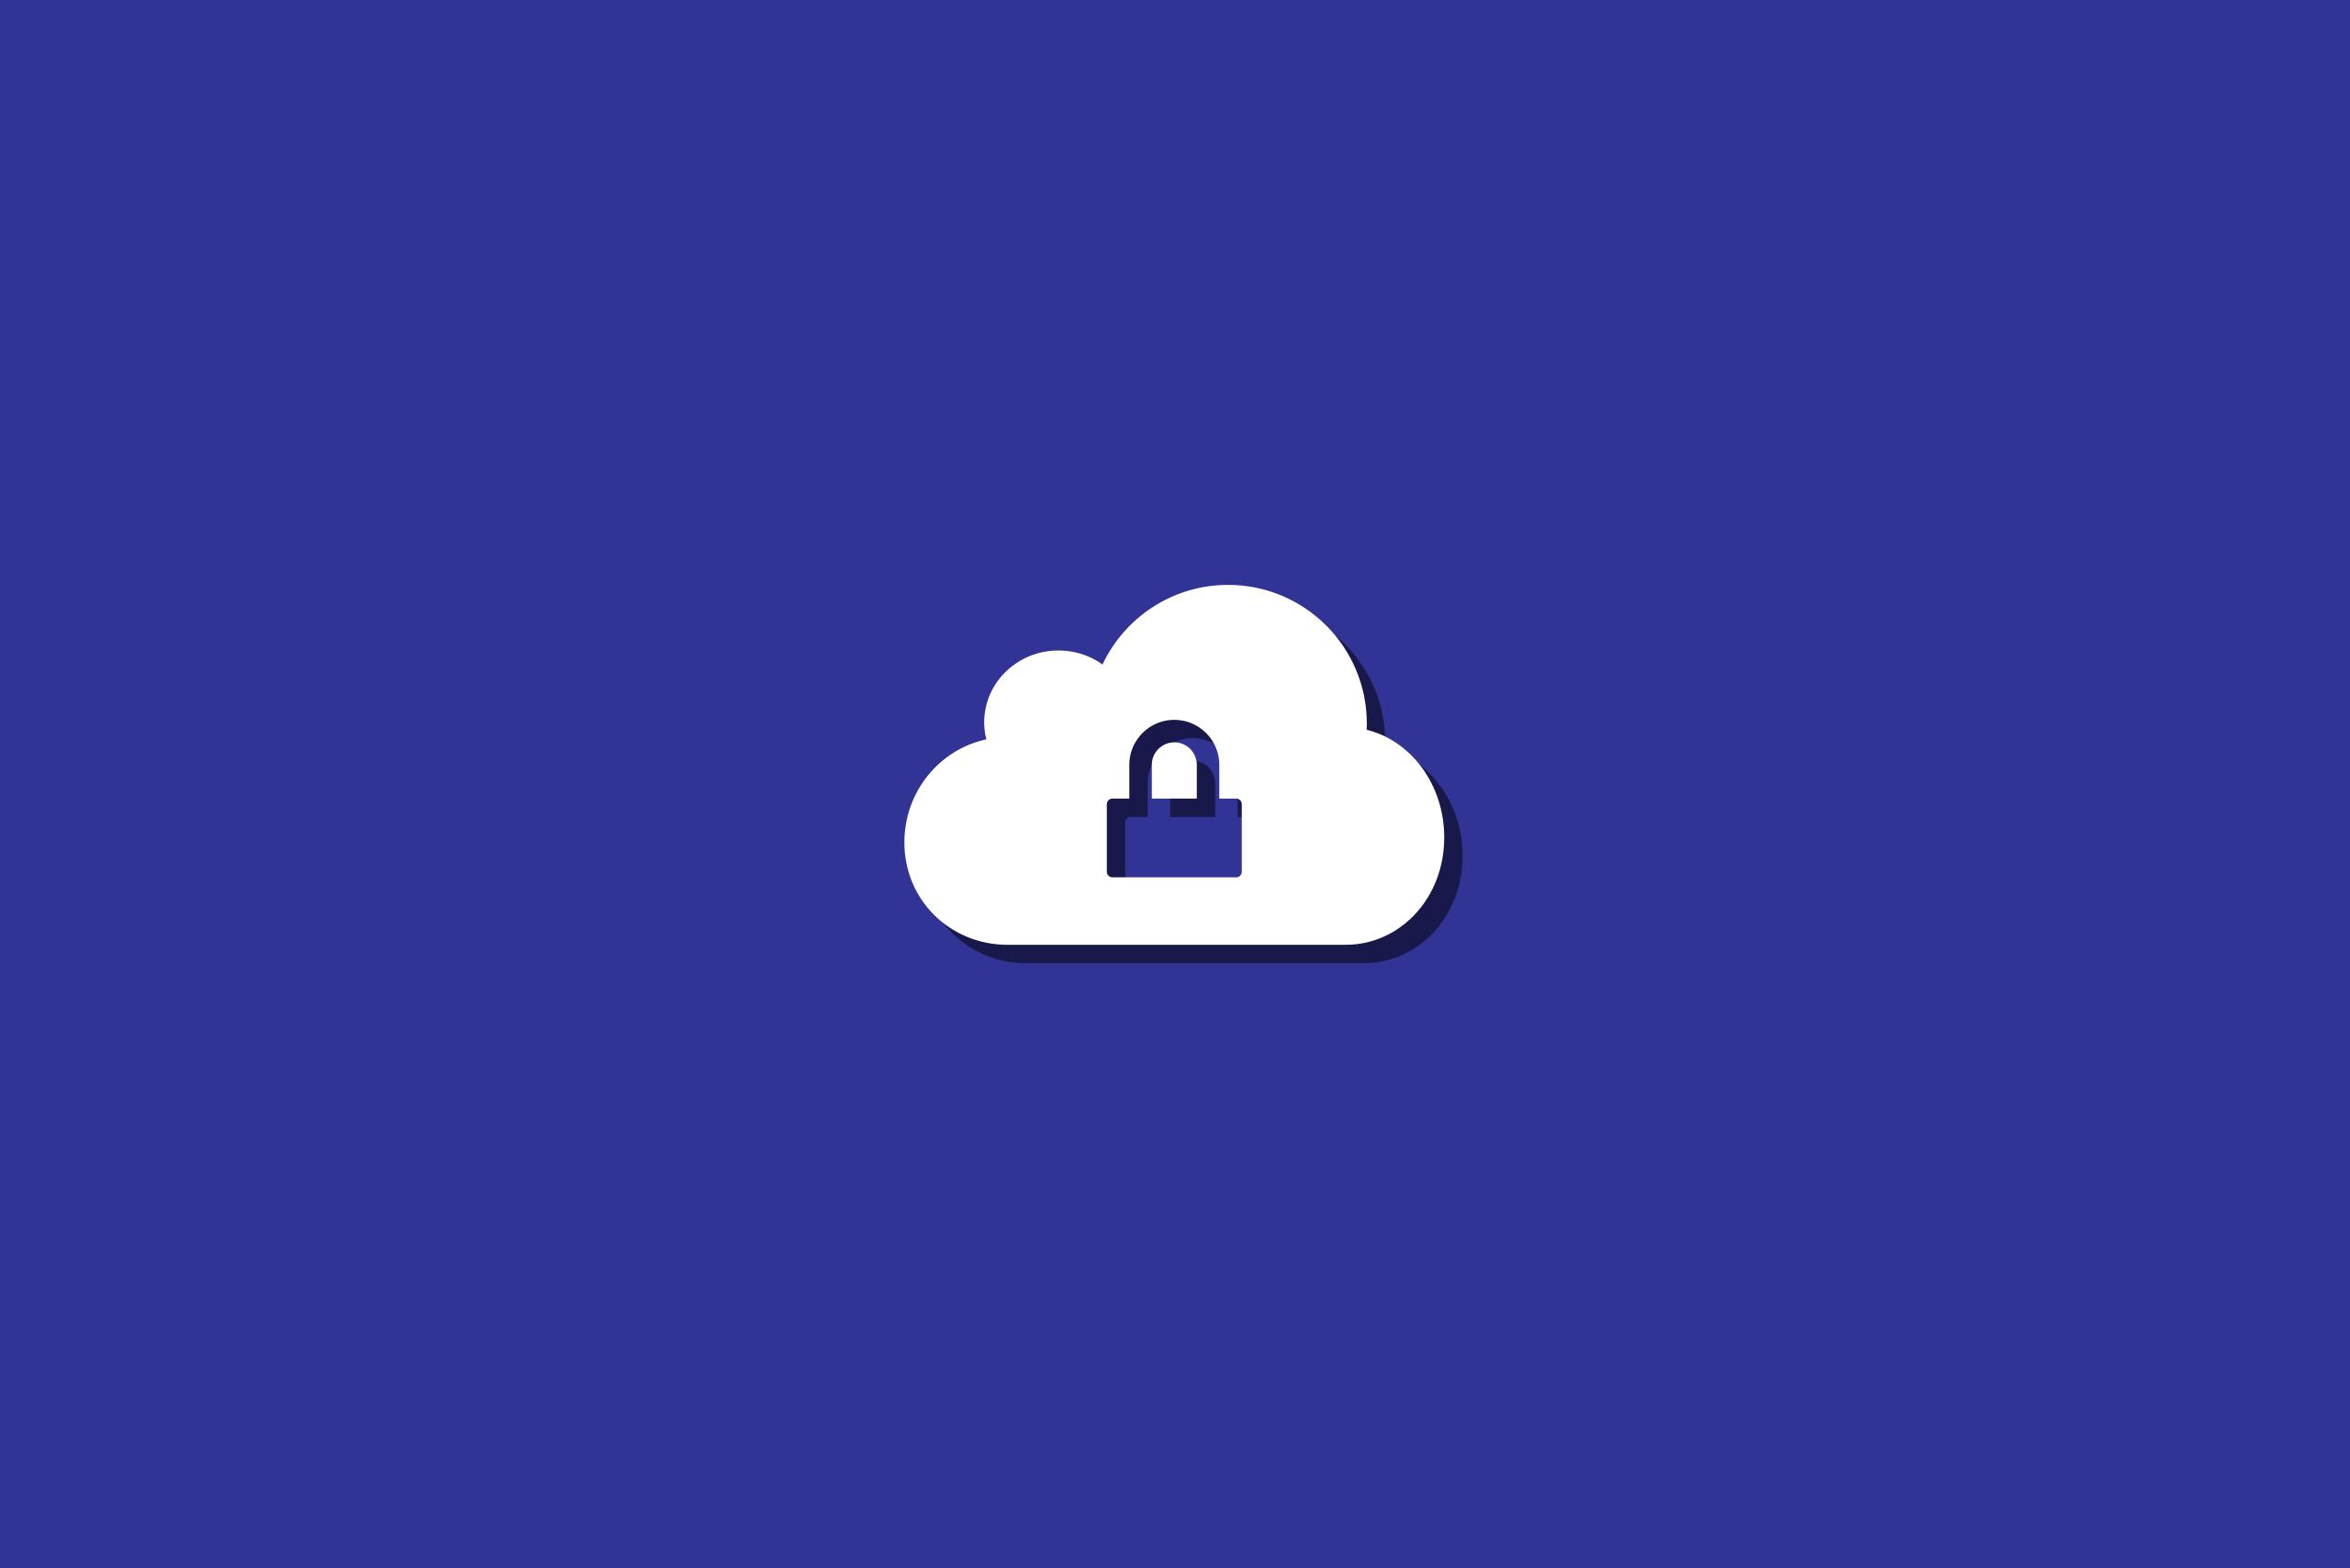 Día-europeo-de-protección-de-datos-¿Conoces-tus-derechos?